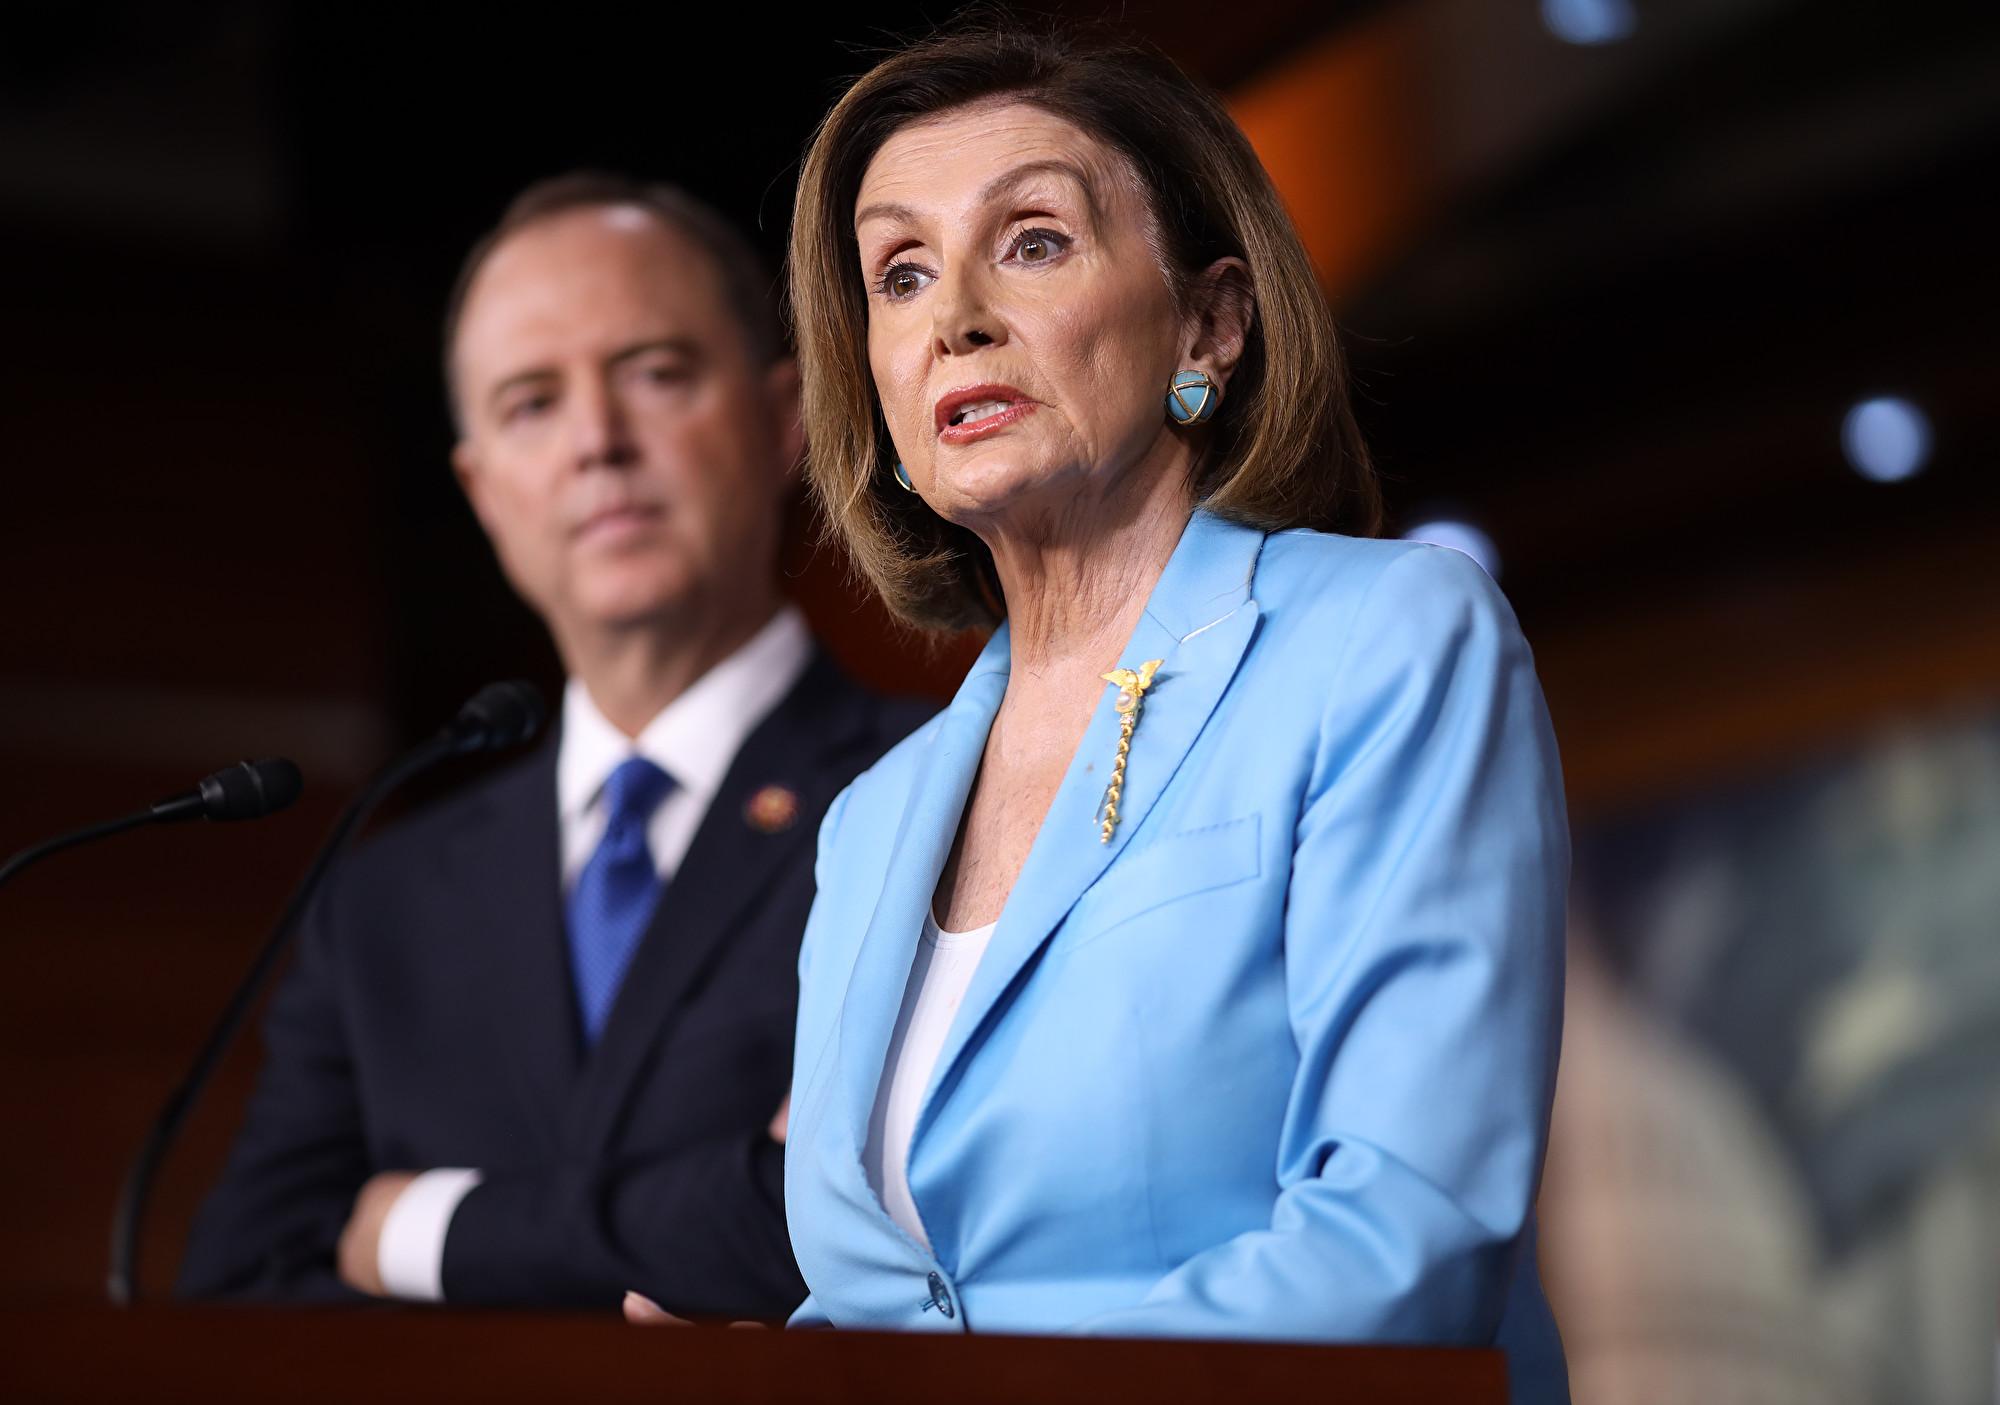 前聯邦檢察官:民主黨人或放棄彈劾總統